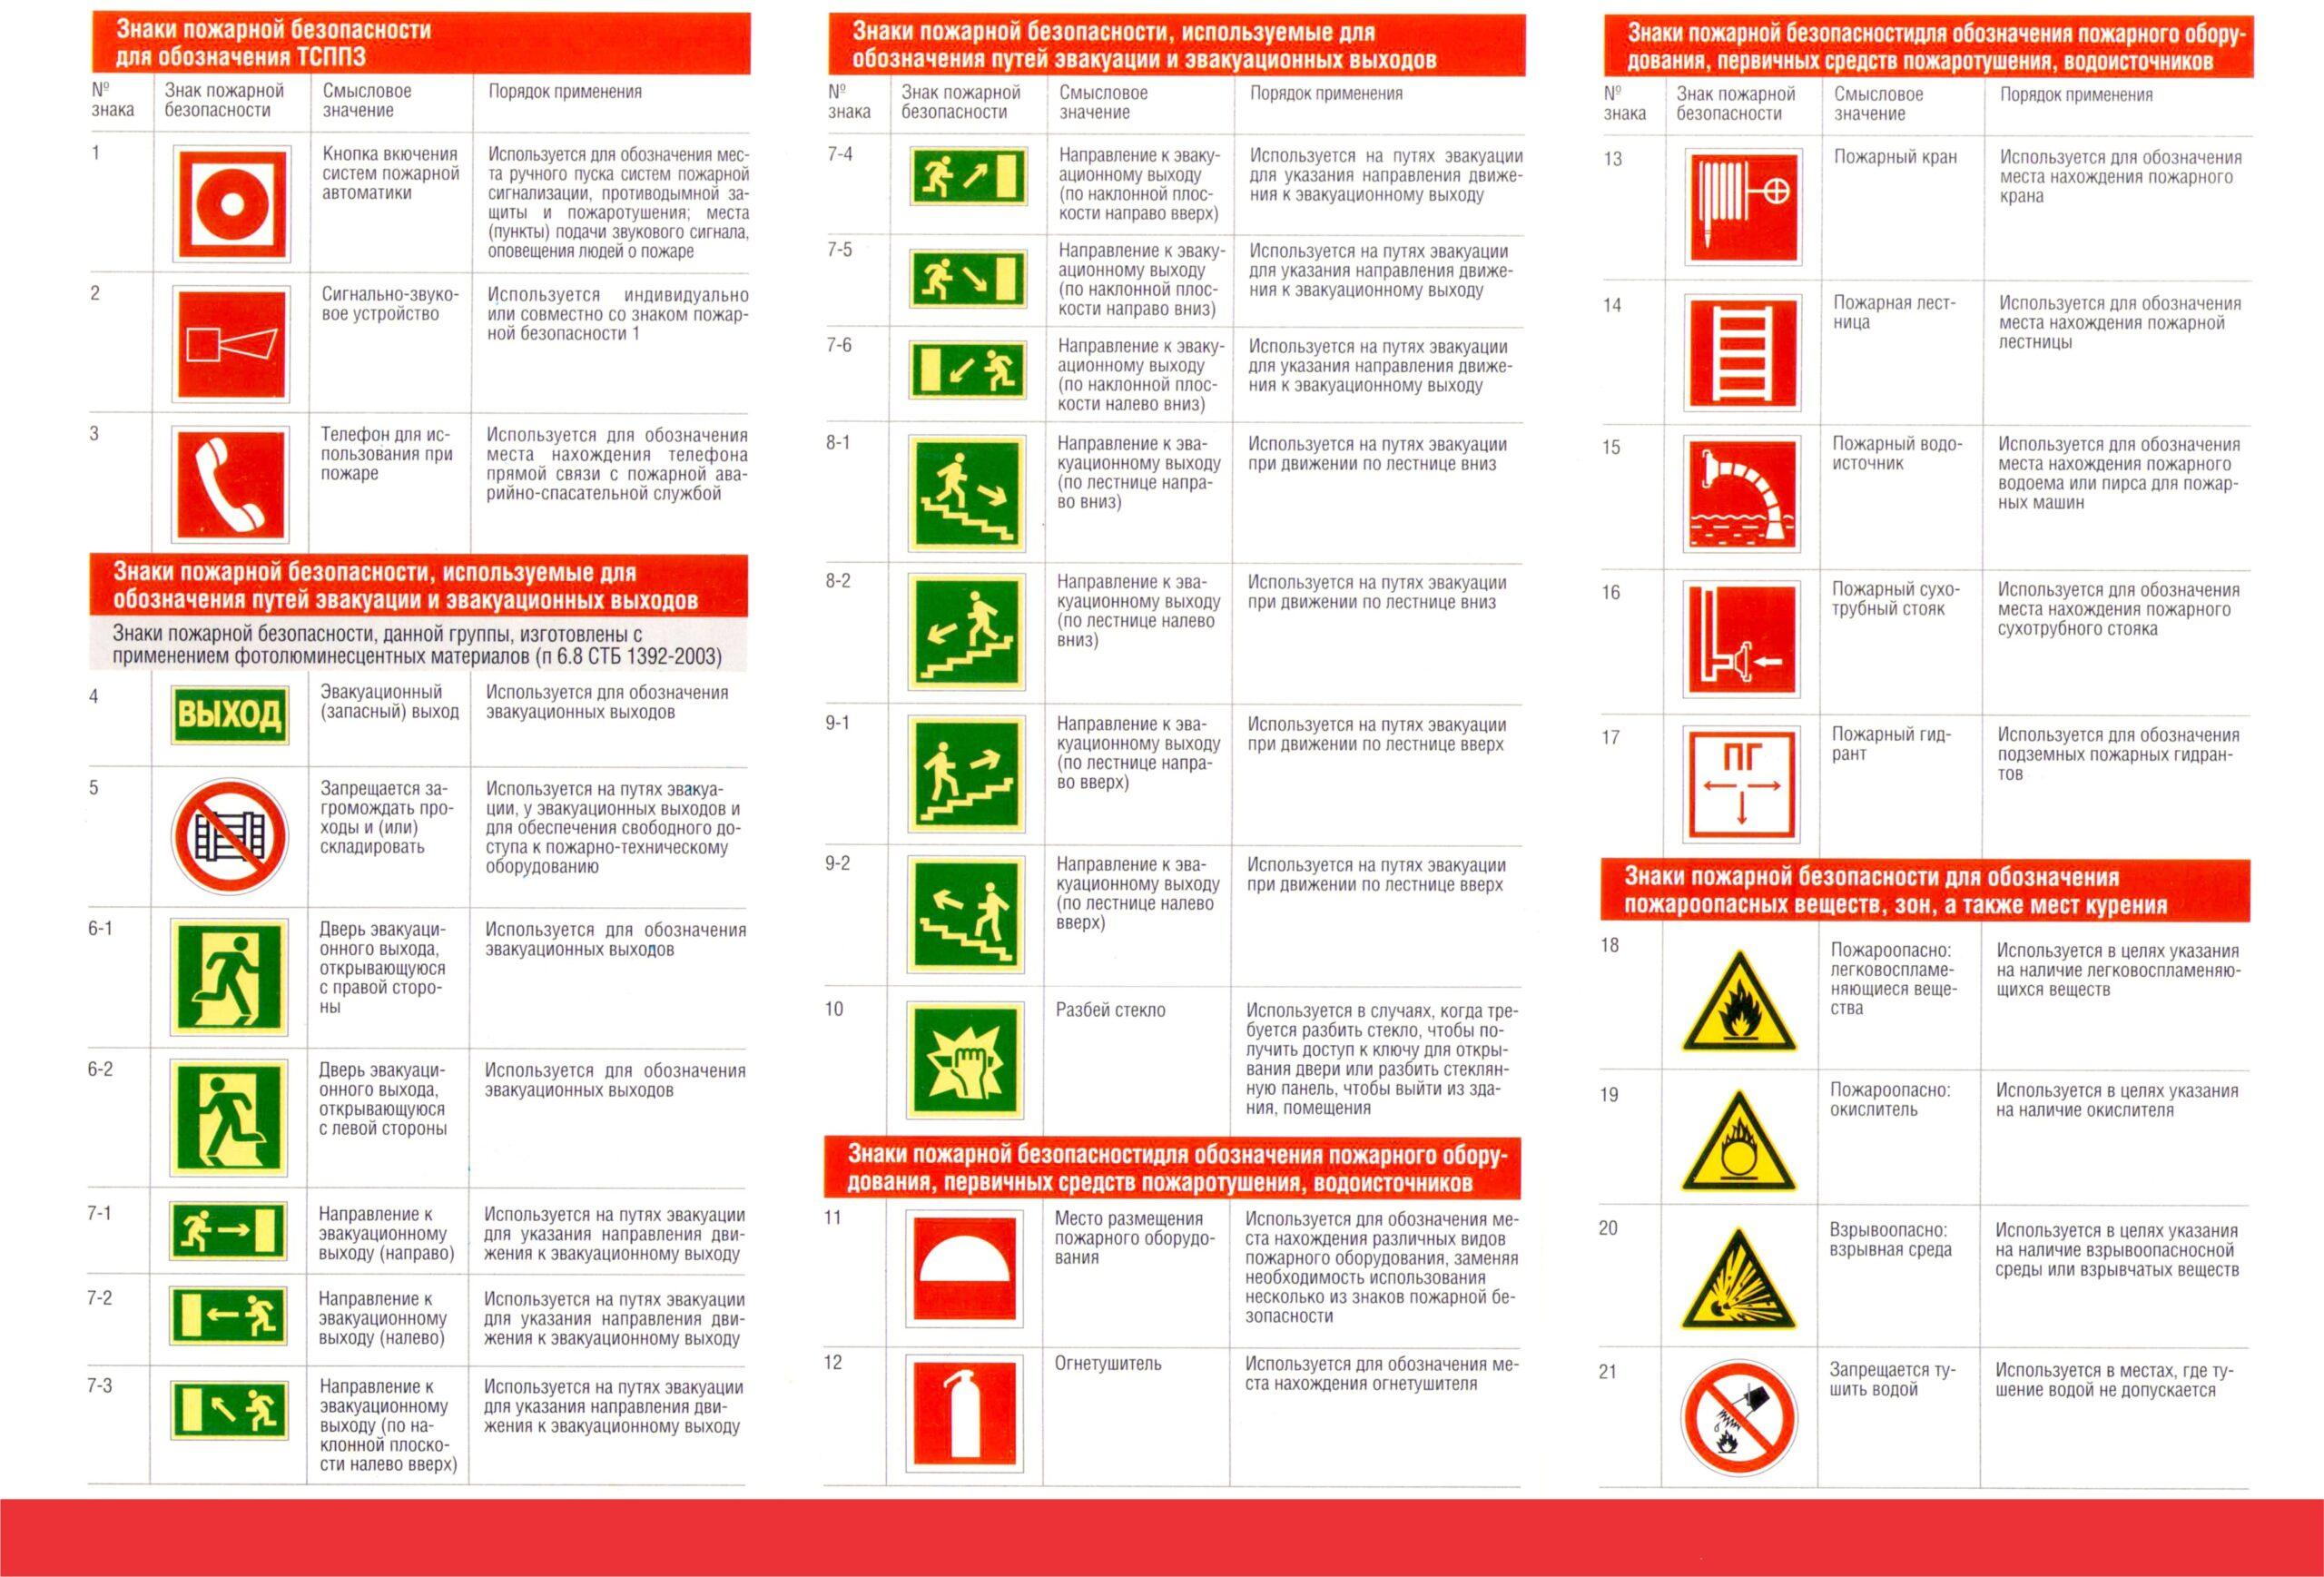 По итогам категорирования и расчетов пожарных рисков в здании и помещениях наносится специальная маркировка.